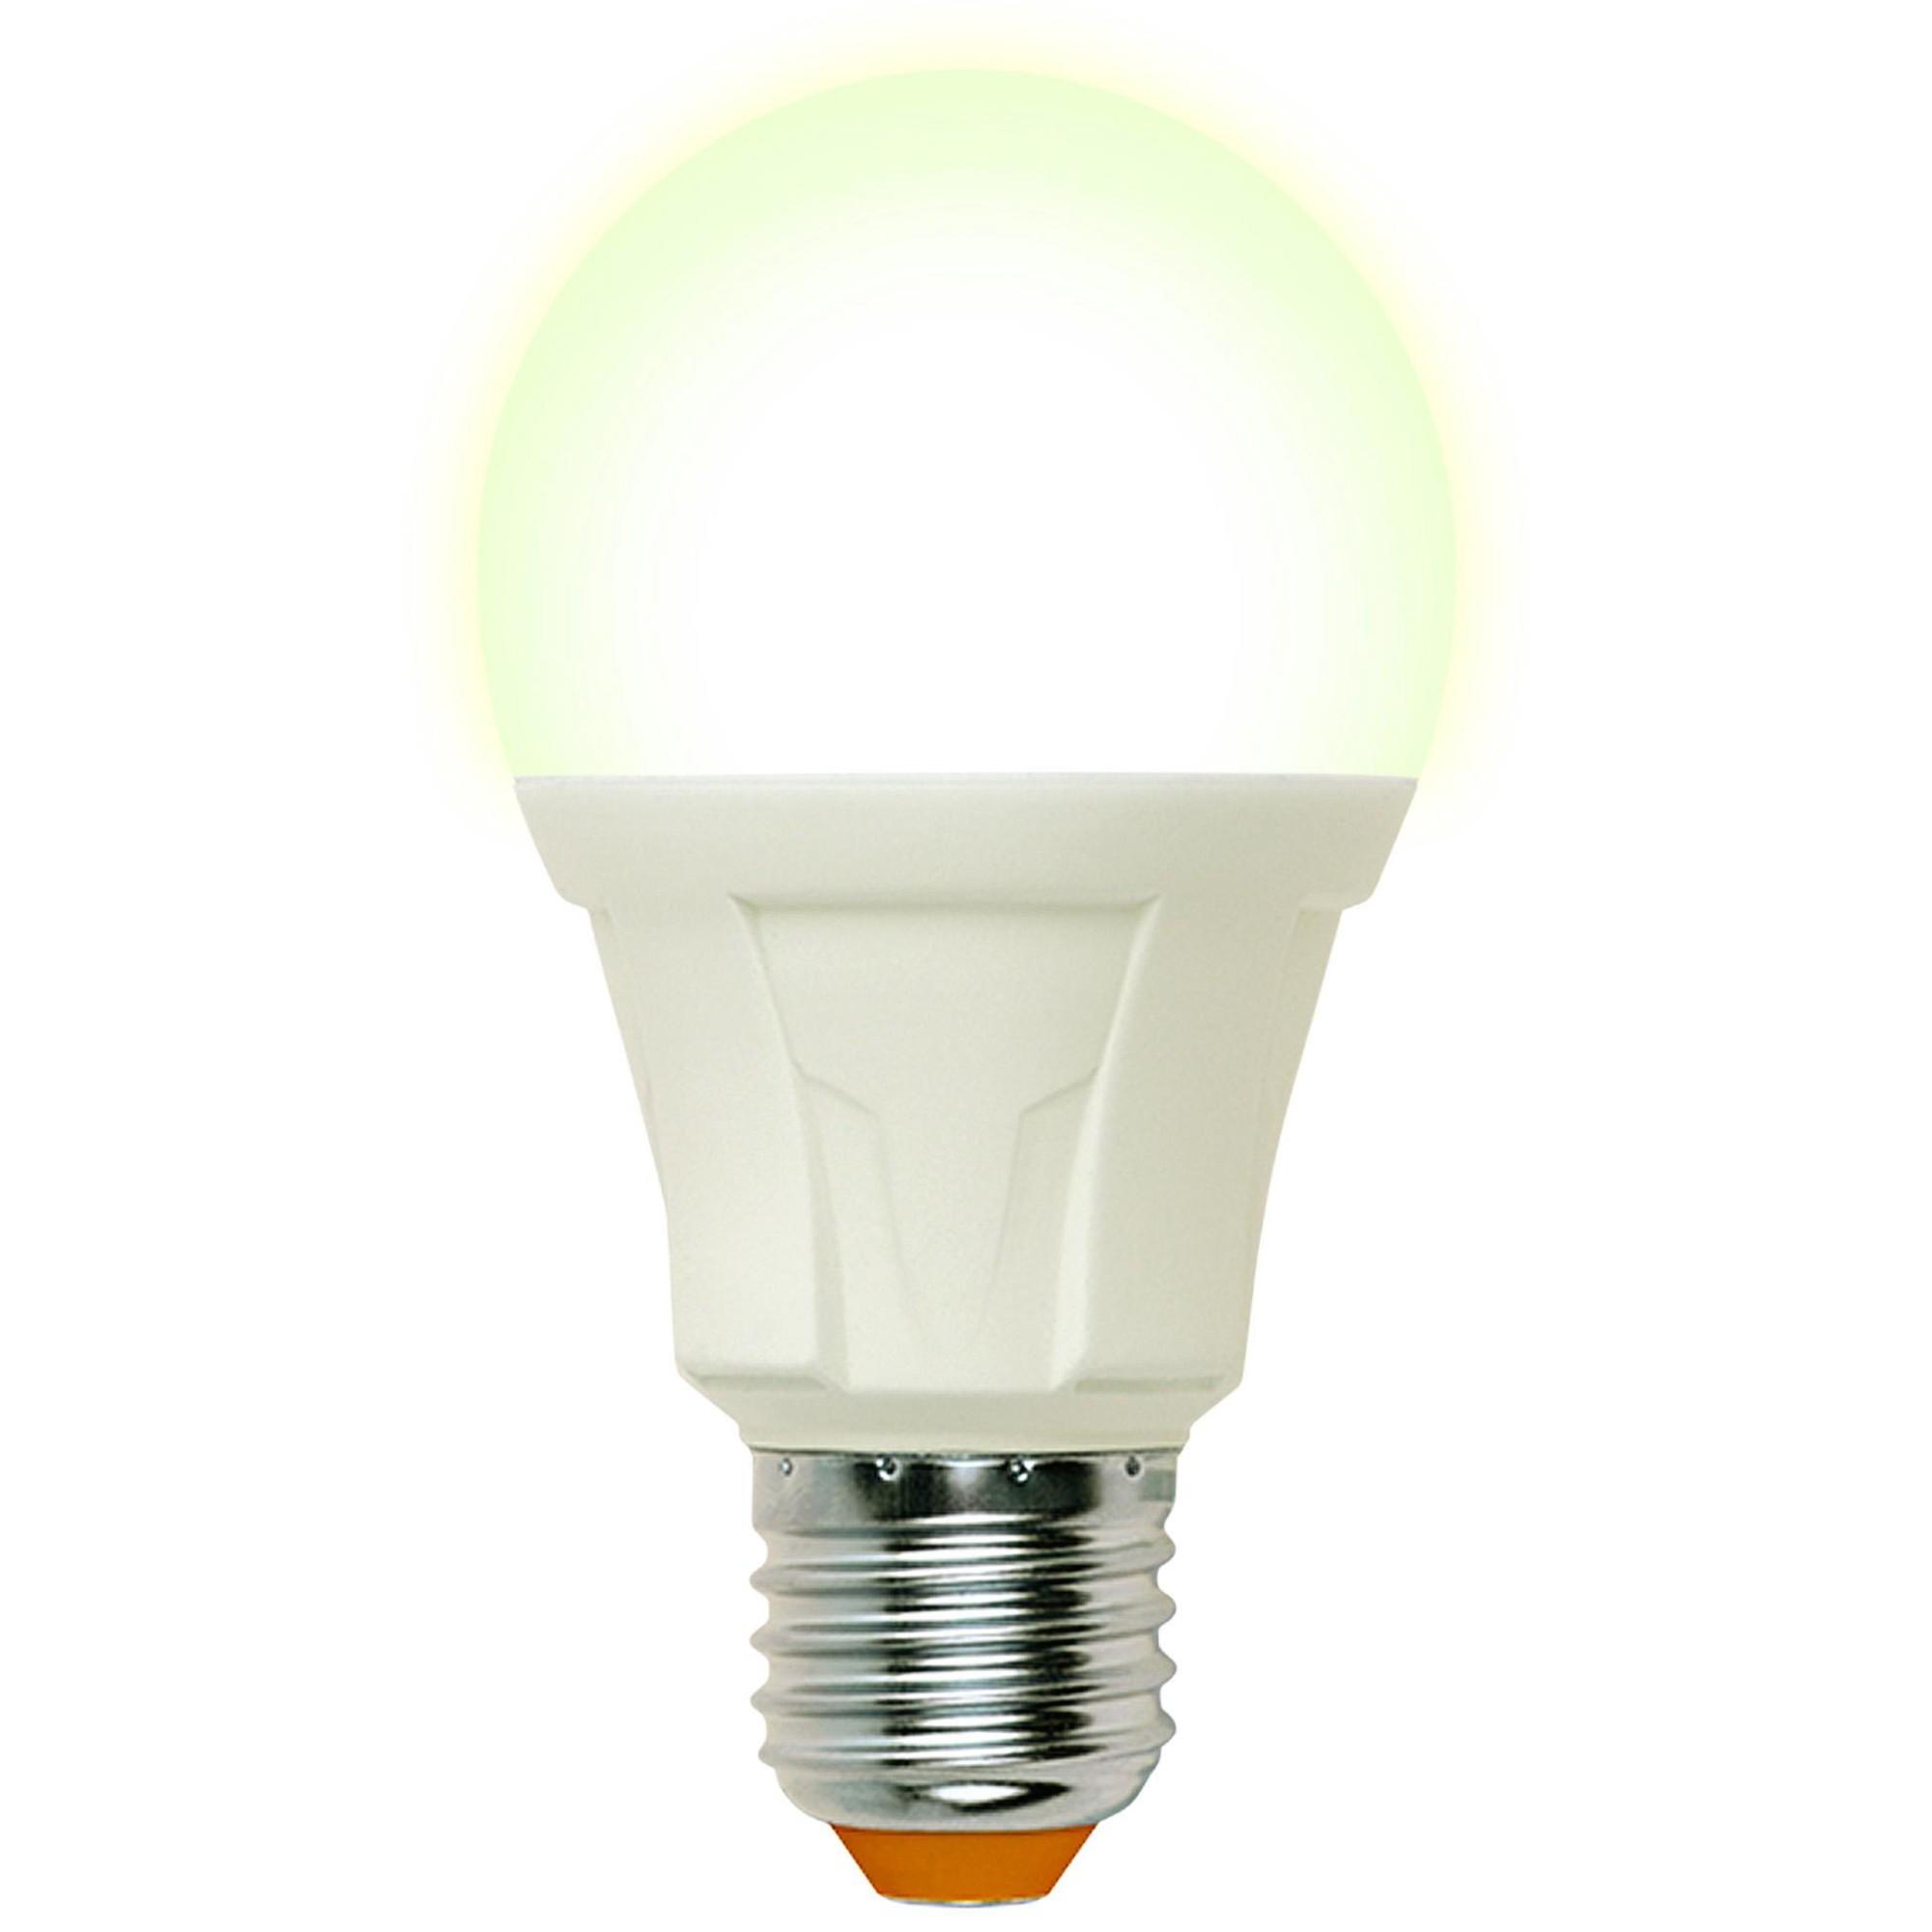 Лампа светодиодная Uniel Яркая E27 груша 1280 Лм 16 Вт нейтральный белый